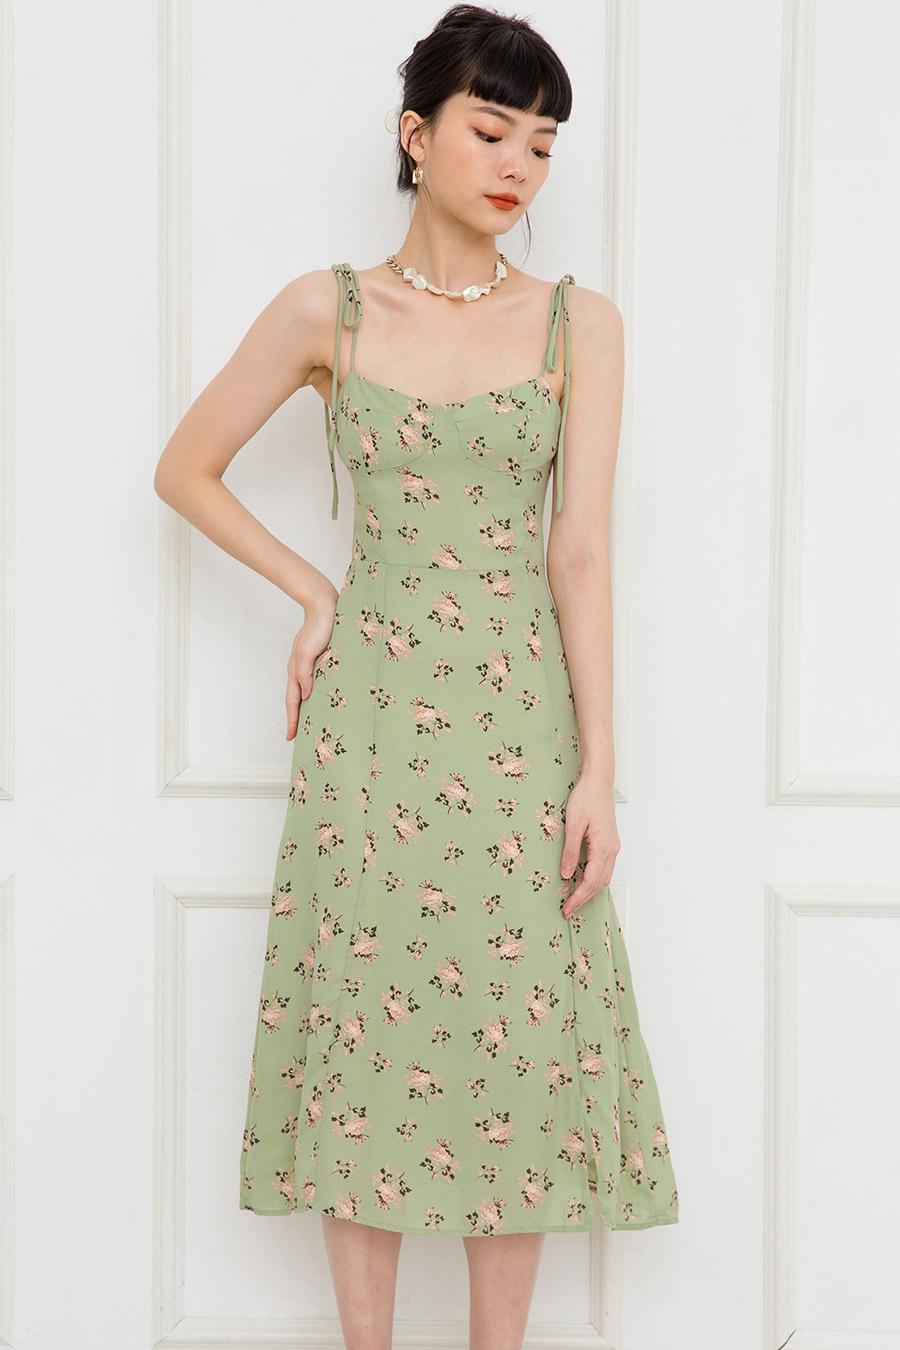 ROCHE DRESS - SAGE FLEUR